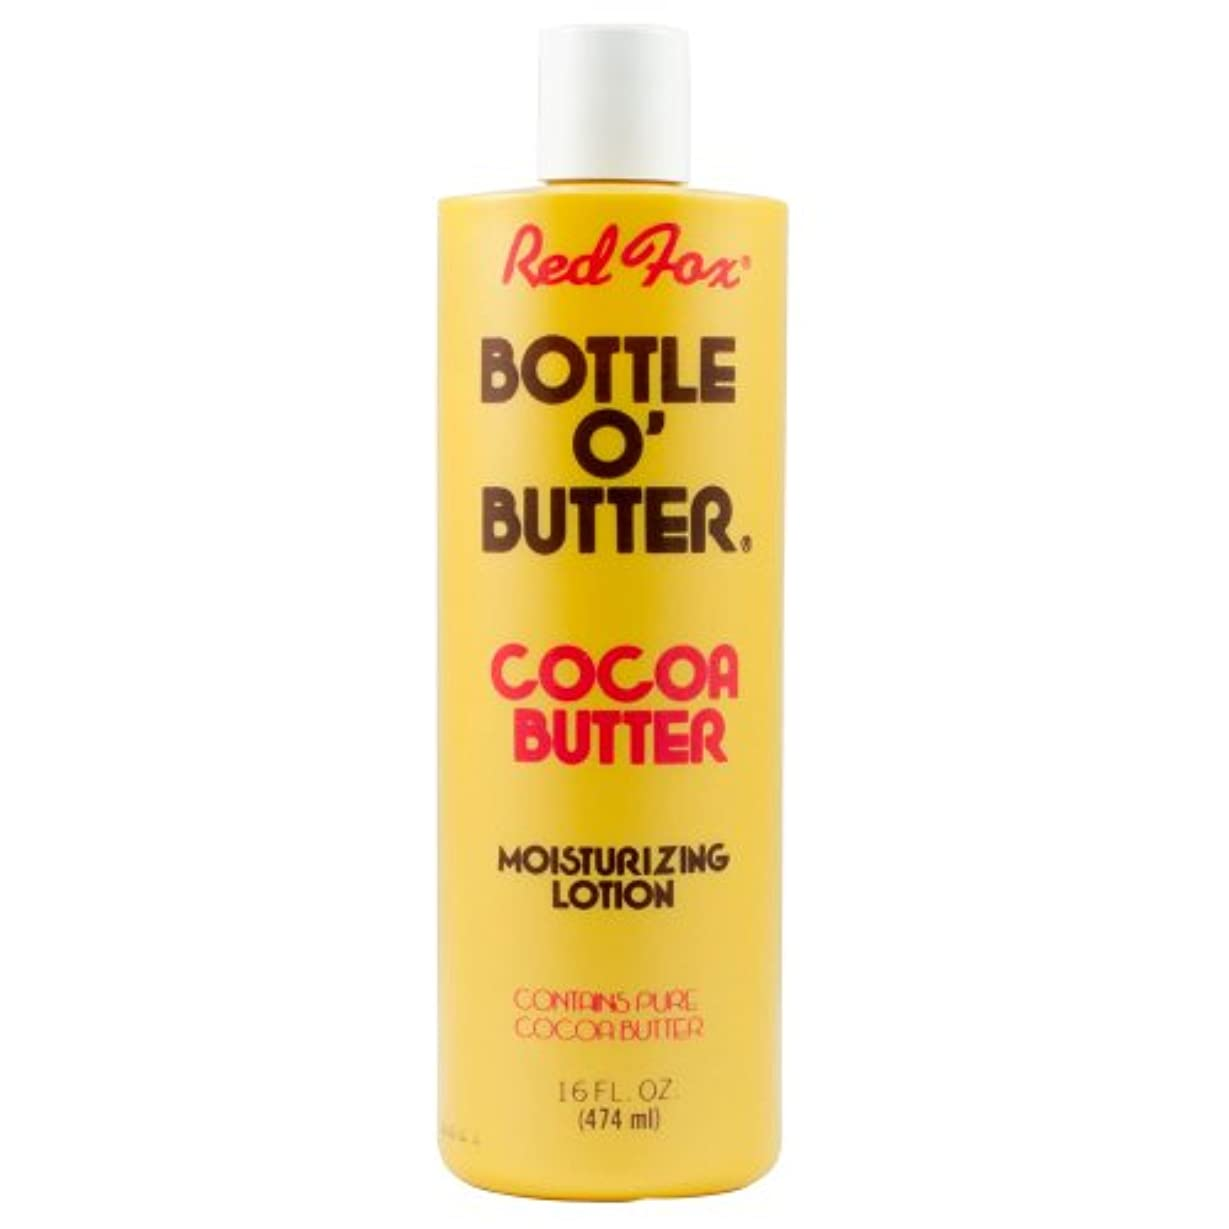 粘液ファントム保有者Red Fox Bottle O'Butter Cocoa Butter Lotion 475 ml (並行輸入品)